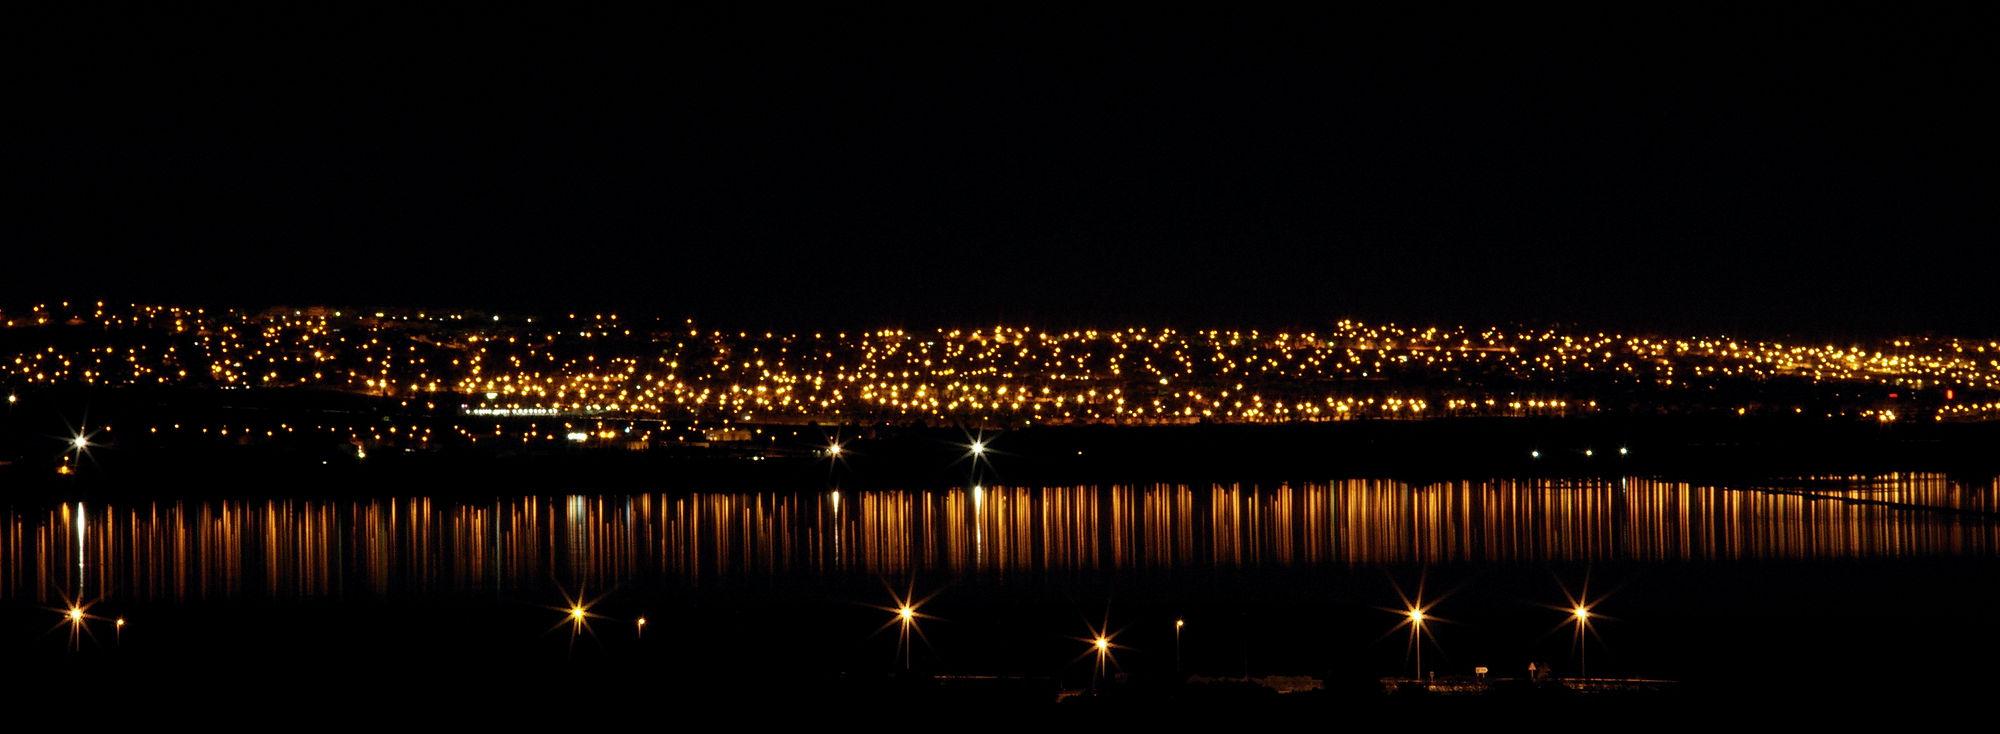 * Lichtermeer mit Spiegelung in der Lagune *